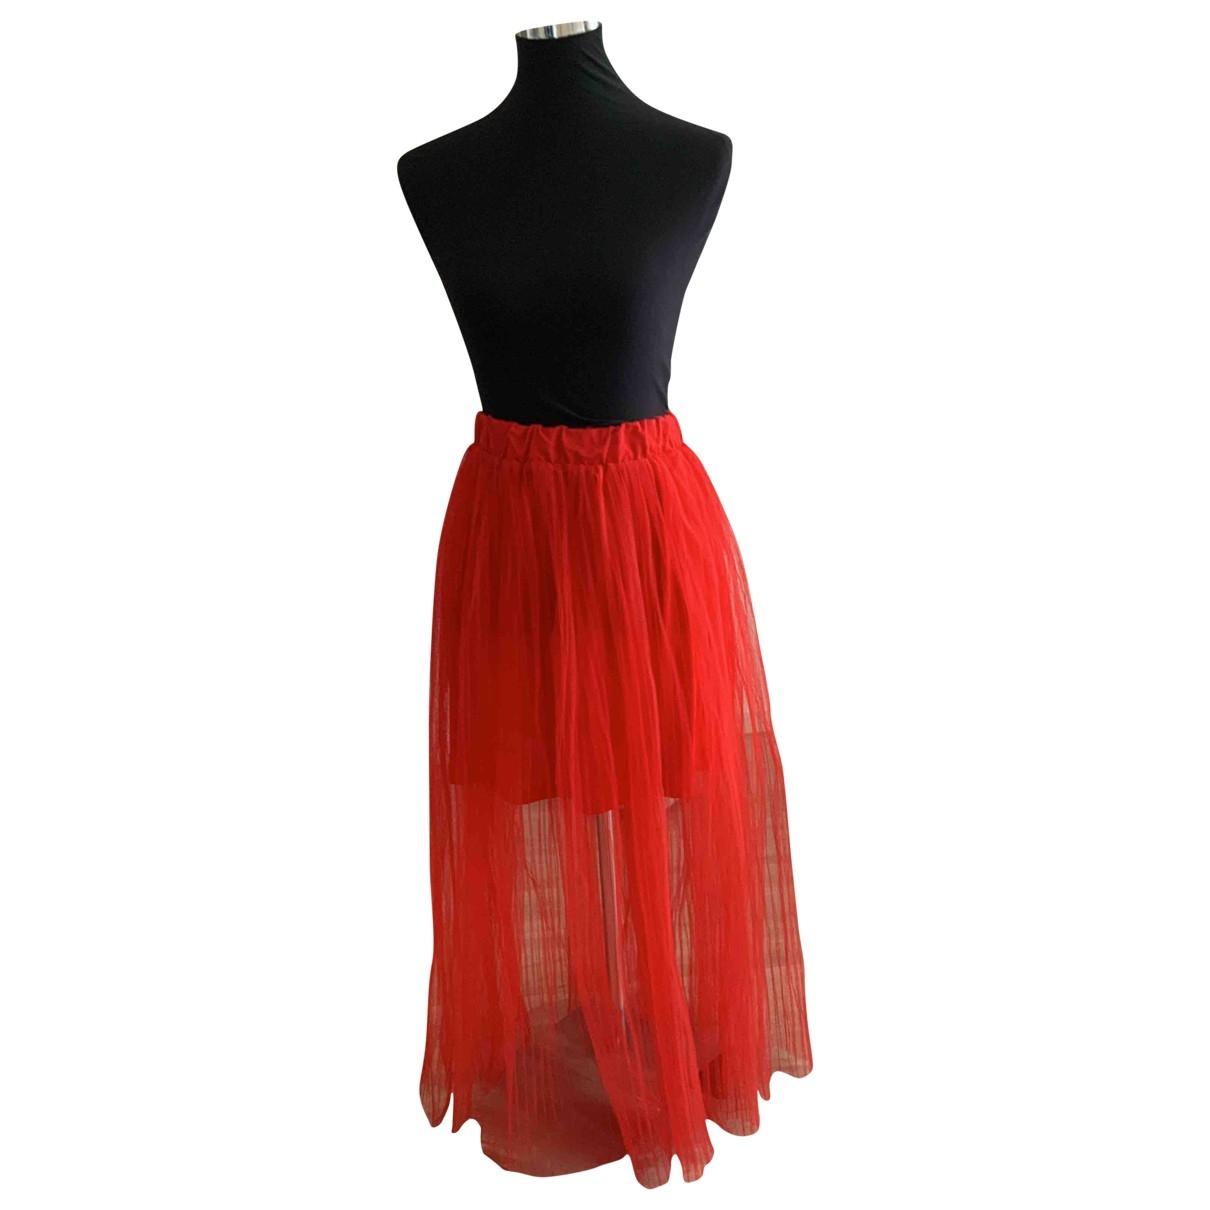 H&m Studio \N Red skirt for Women 8 US